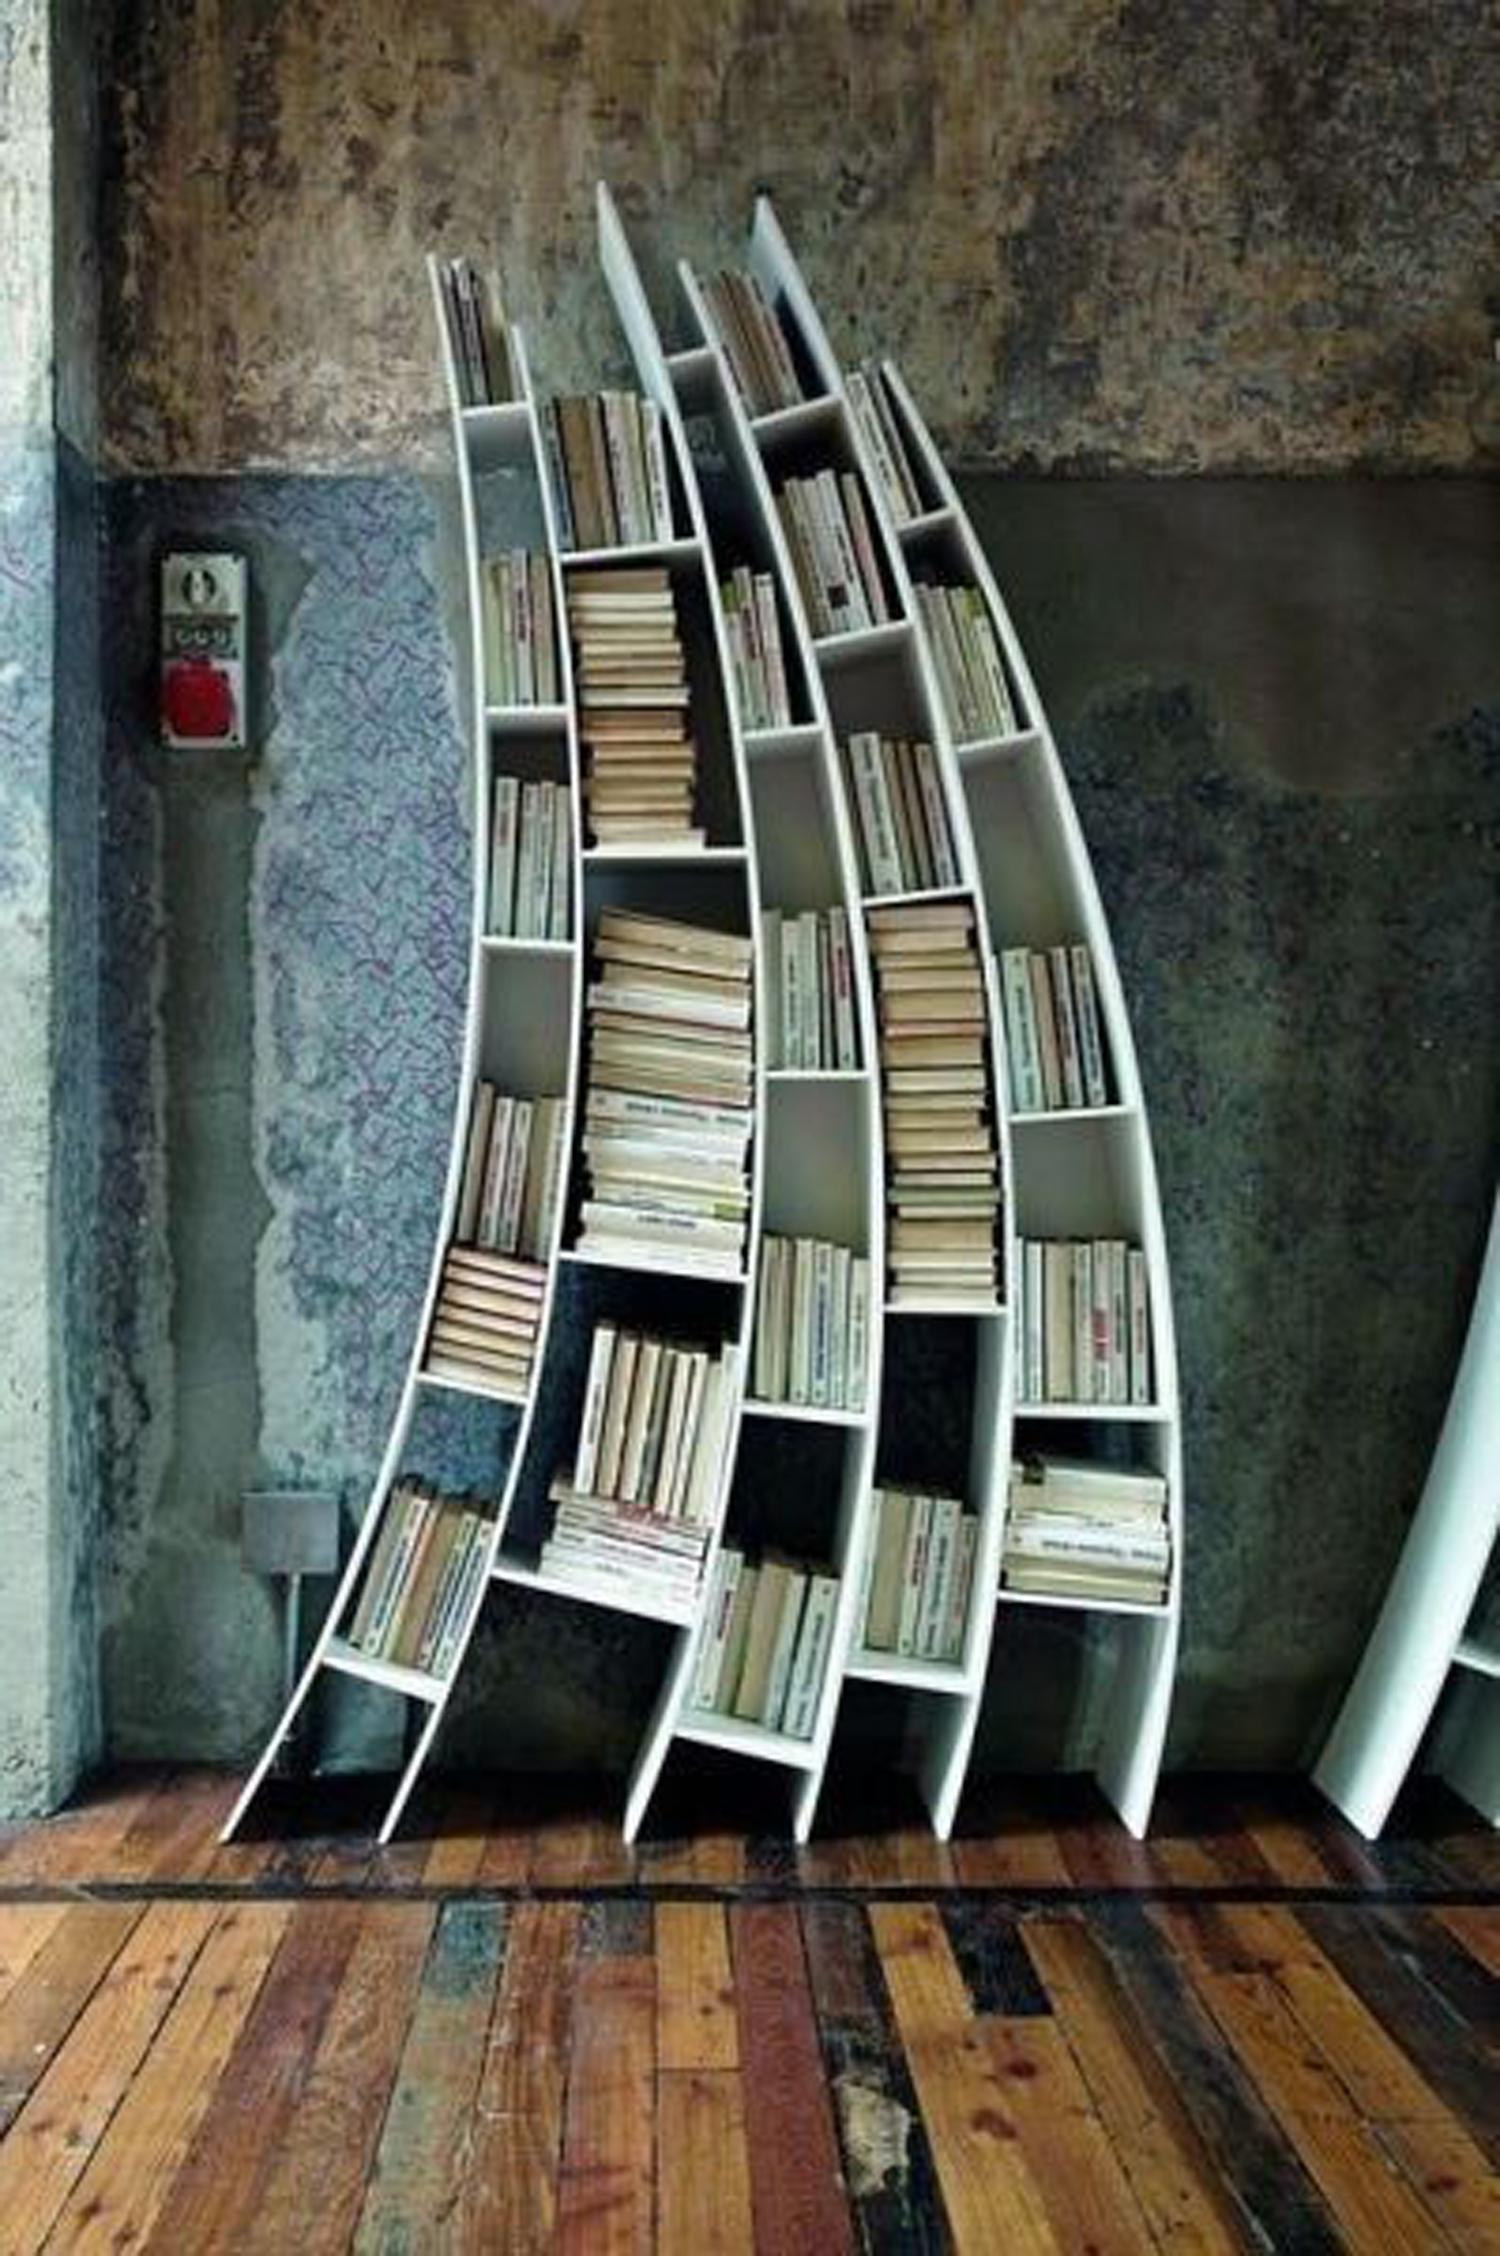 Η ολίγον στραβή βιβλιοθήκη